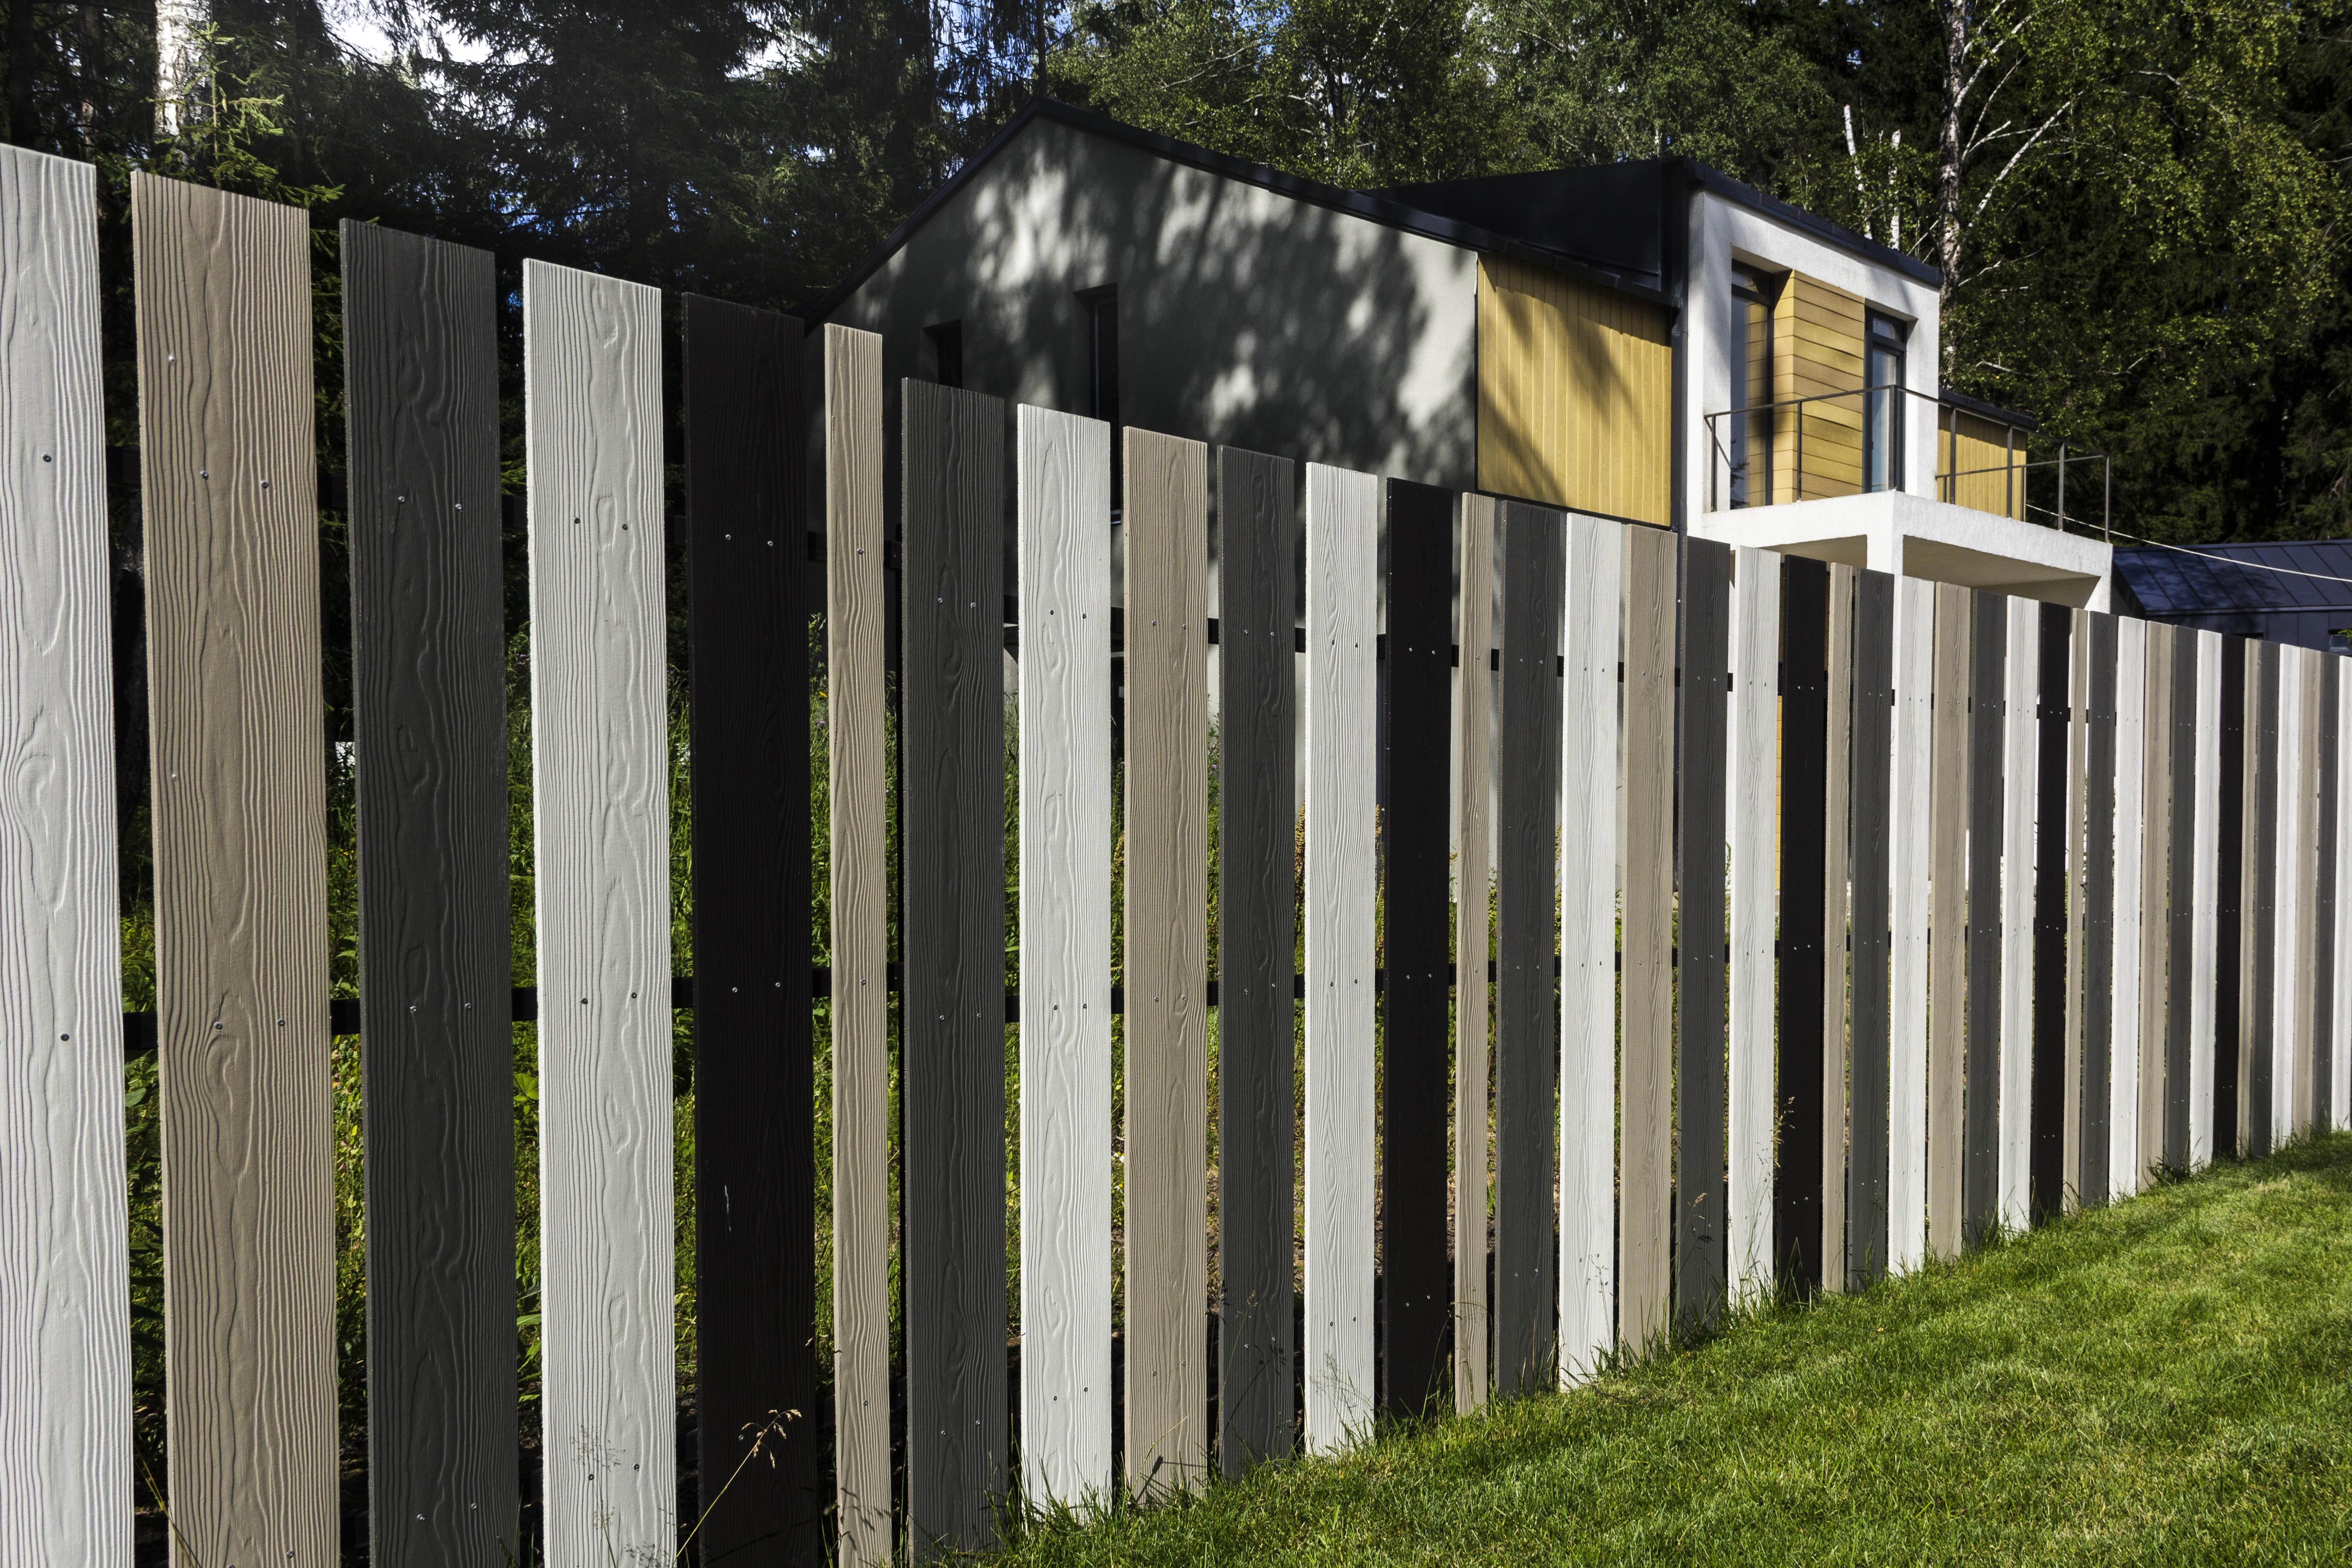 Кедрал доска из фиброцемента на заборе, ограждении в традиционном стиле